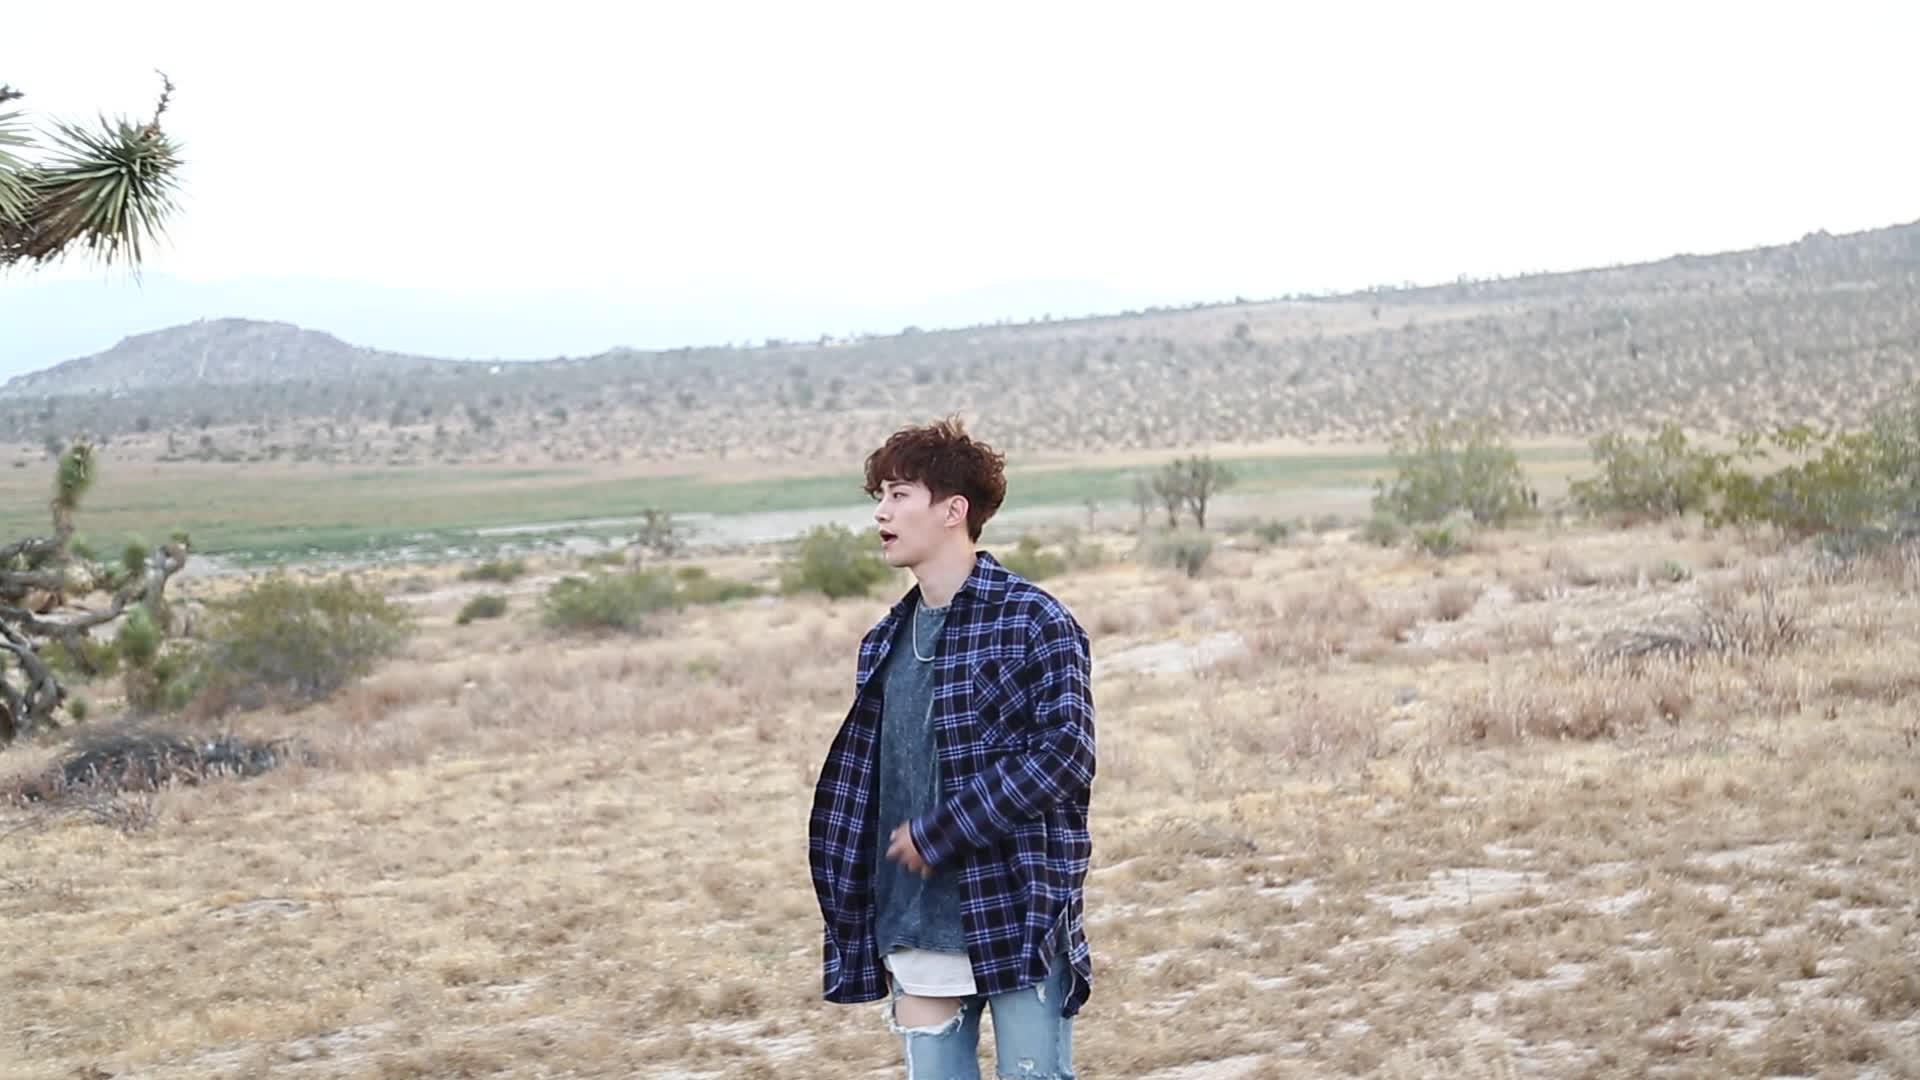 [스타캐스트] 2PM 준호 CANVAS 뮤직비디오 촬영 현장!